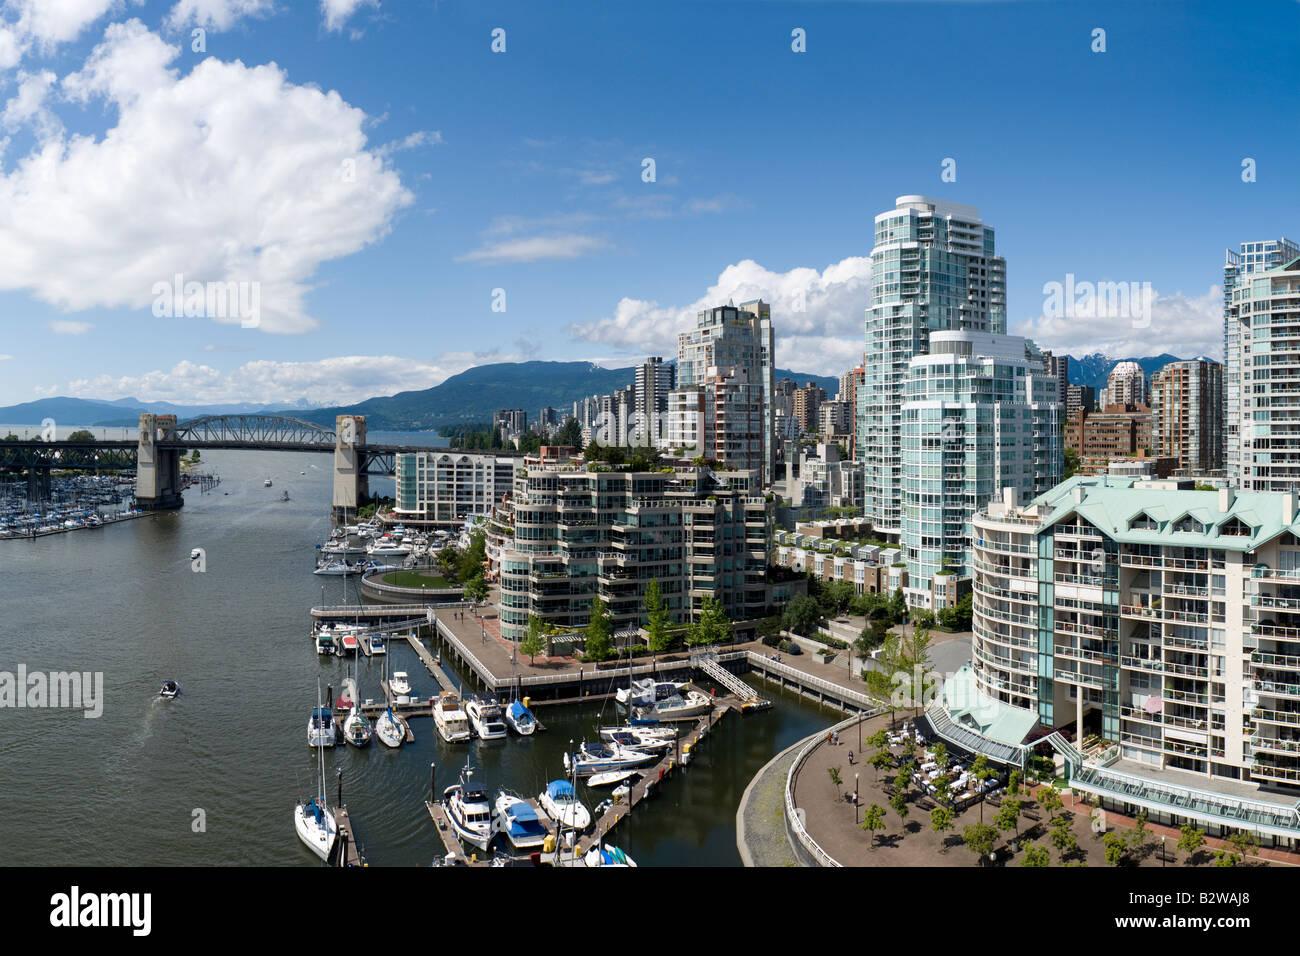 Le côté nord de False Creek et Burrard Bridge vu depuis le pont Granville à Vancouver, BC, Canada. Photo Stock